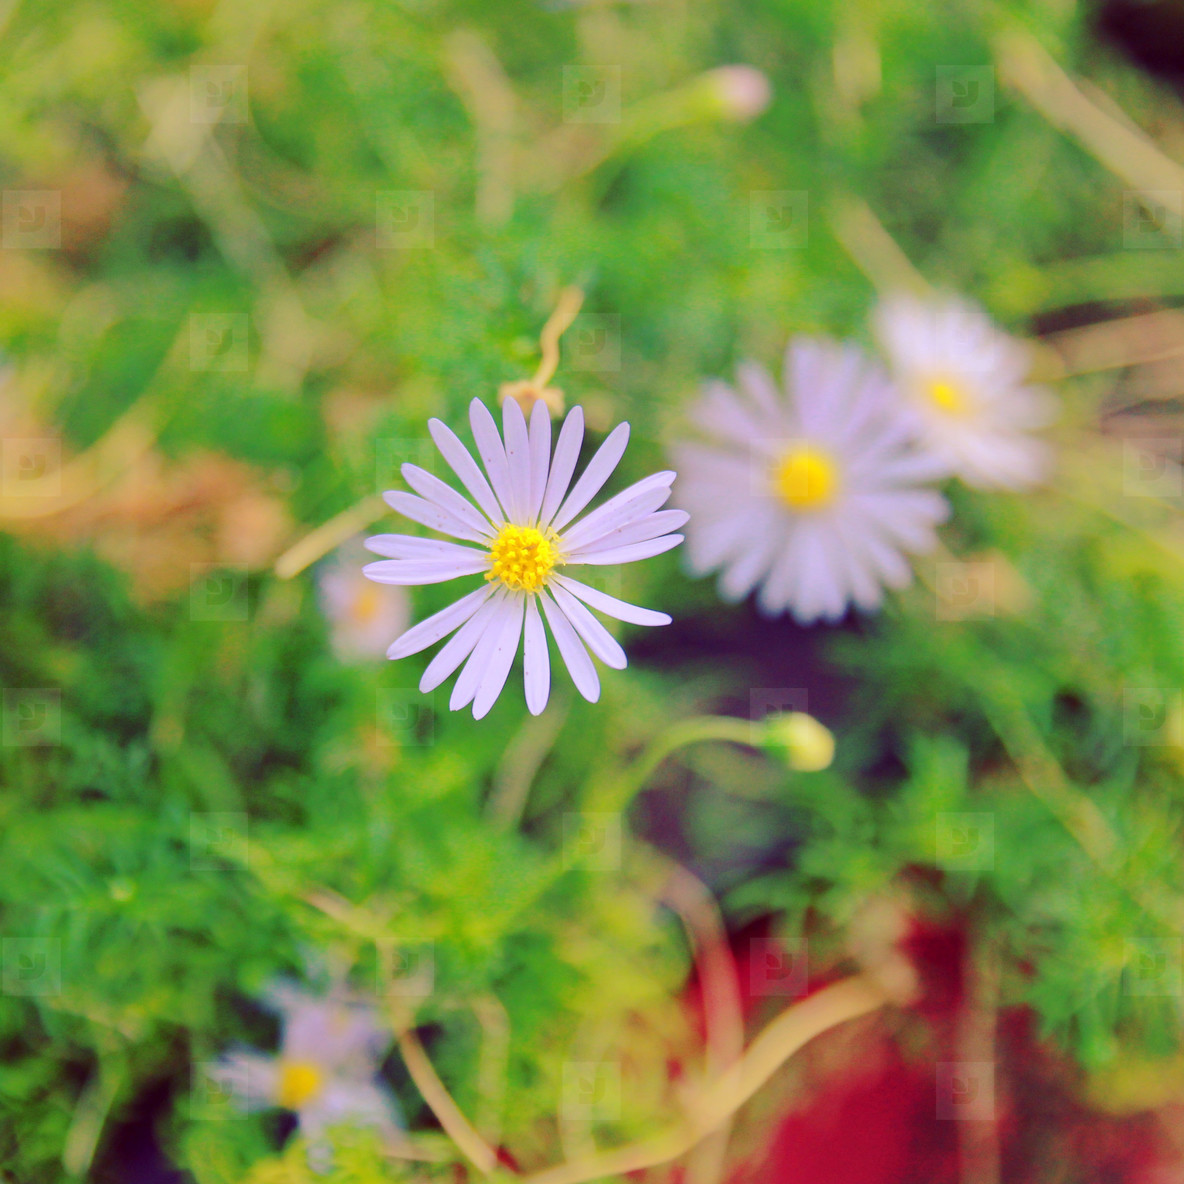 Daisy flowers in garden